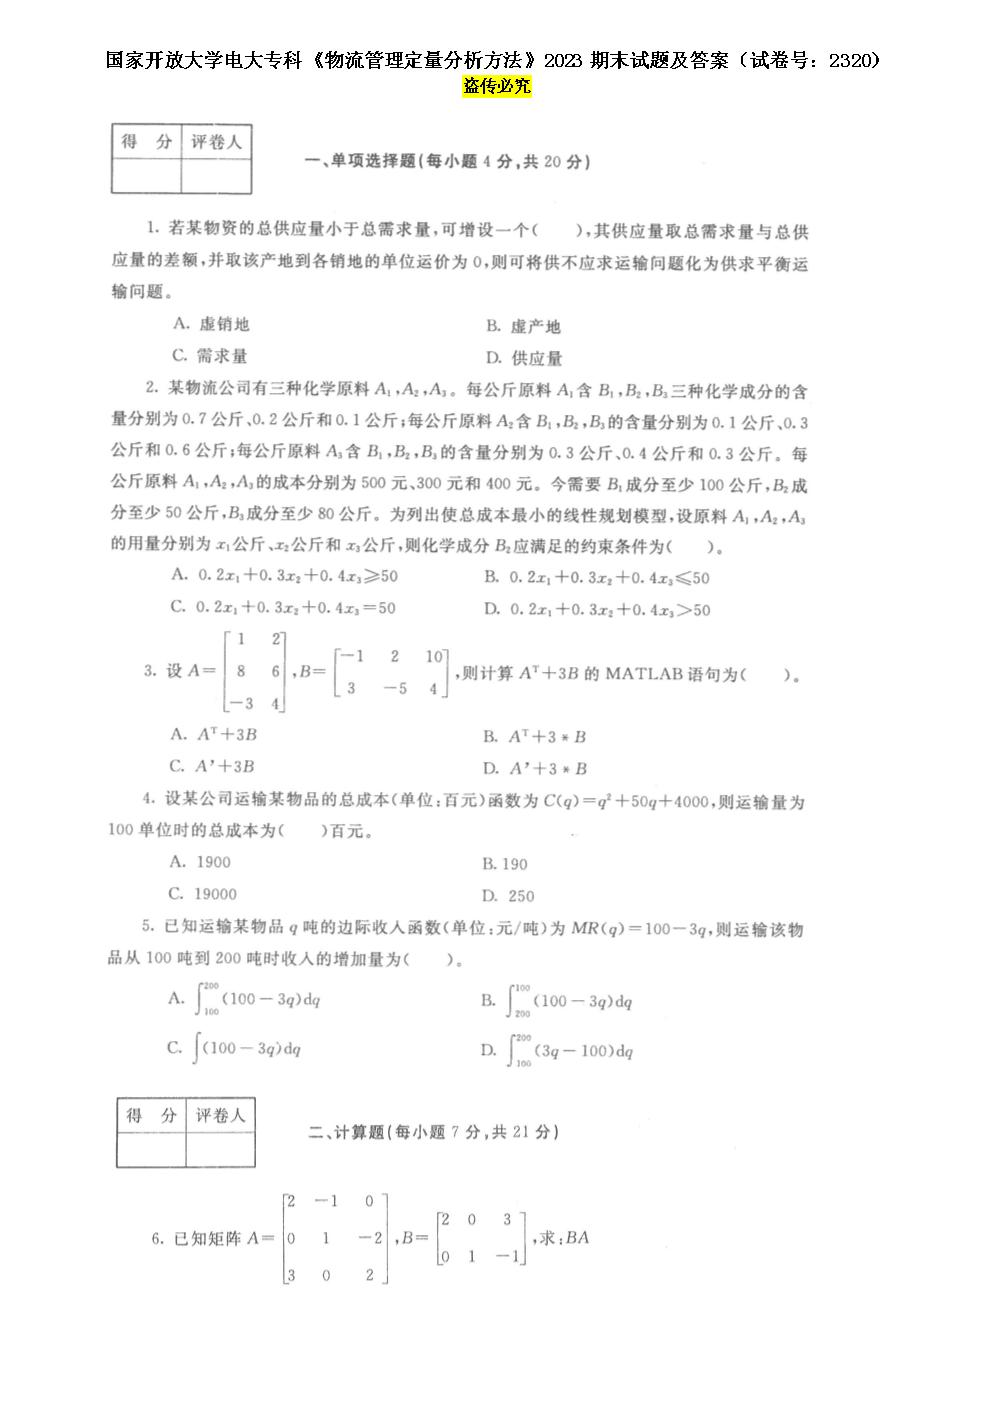 国家开放大学电大专科《物流管理定量分析方法》2023期末试题及答案(试卷号:2320).doc